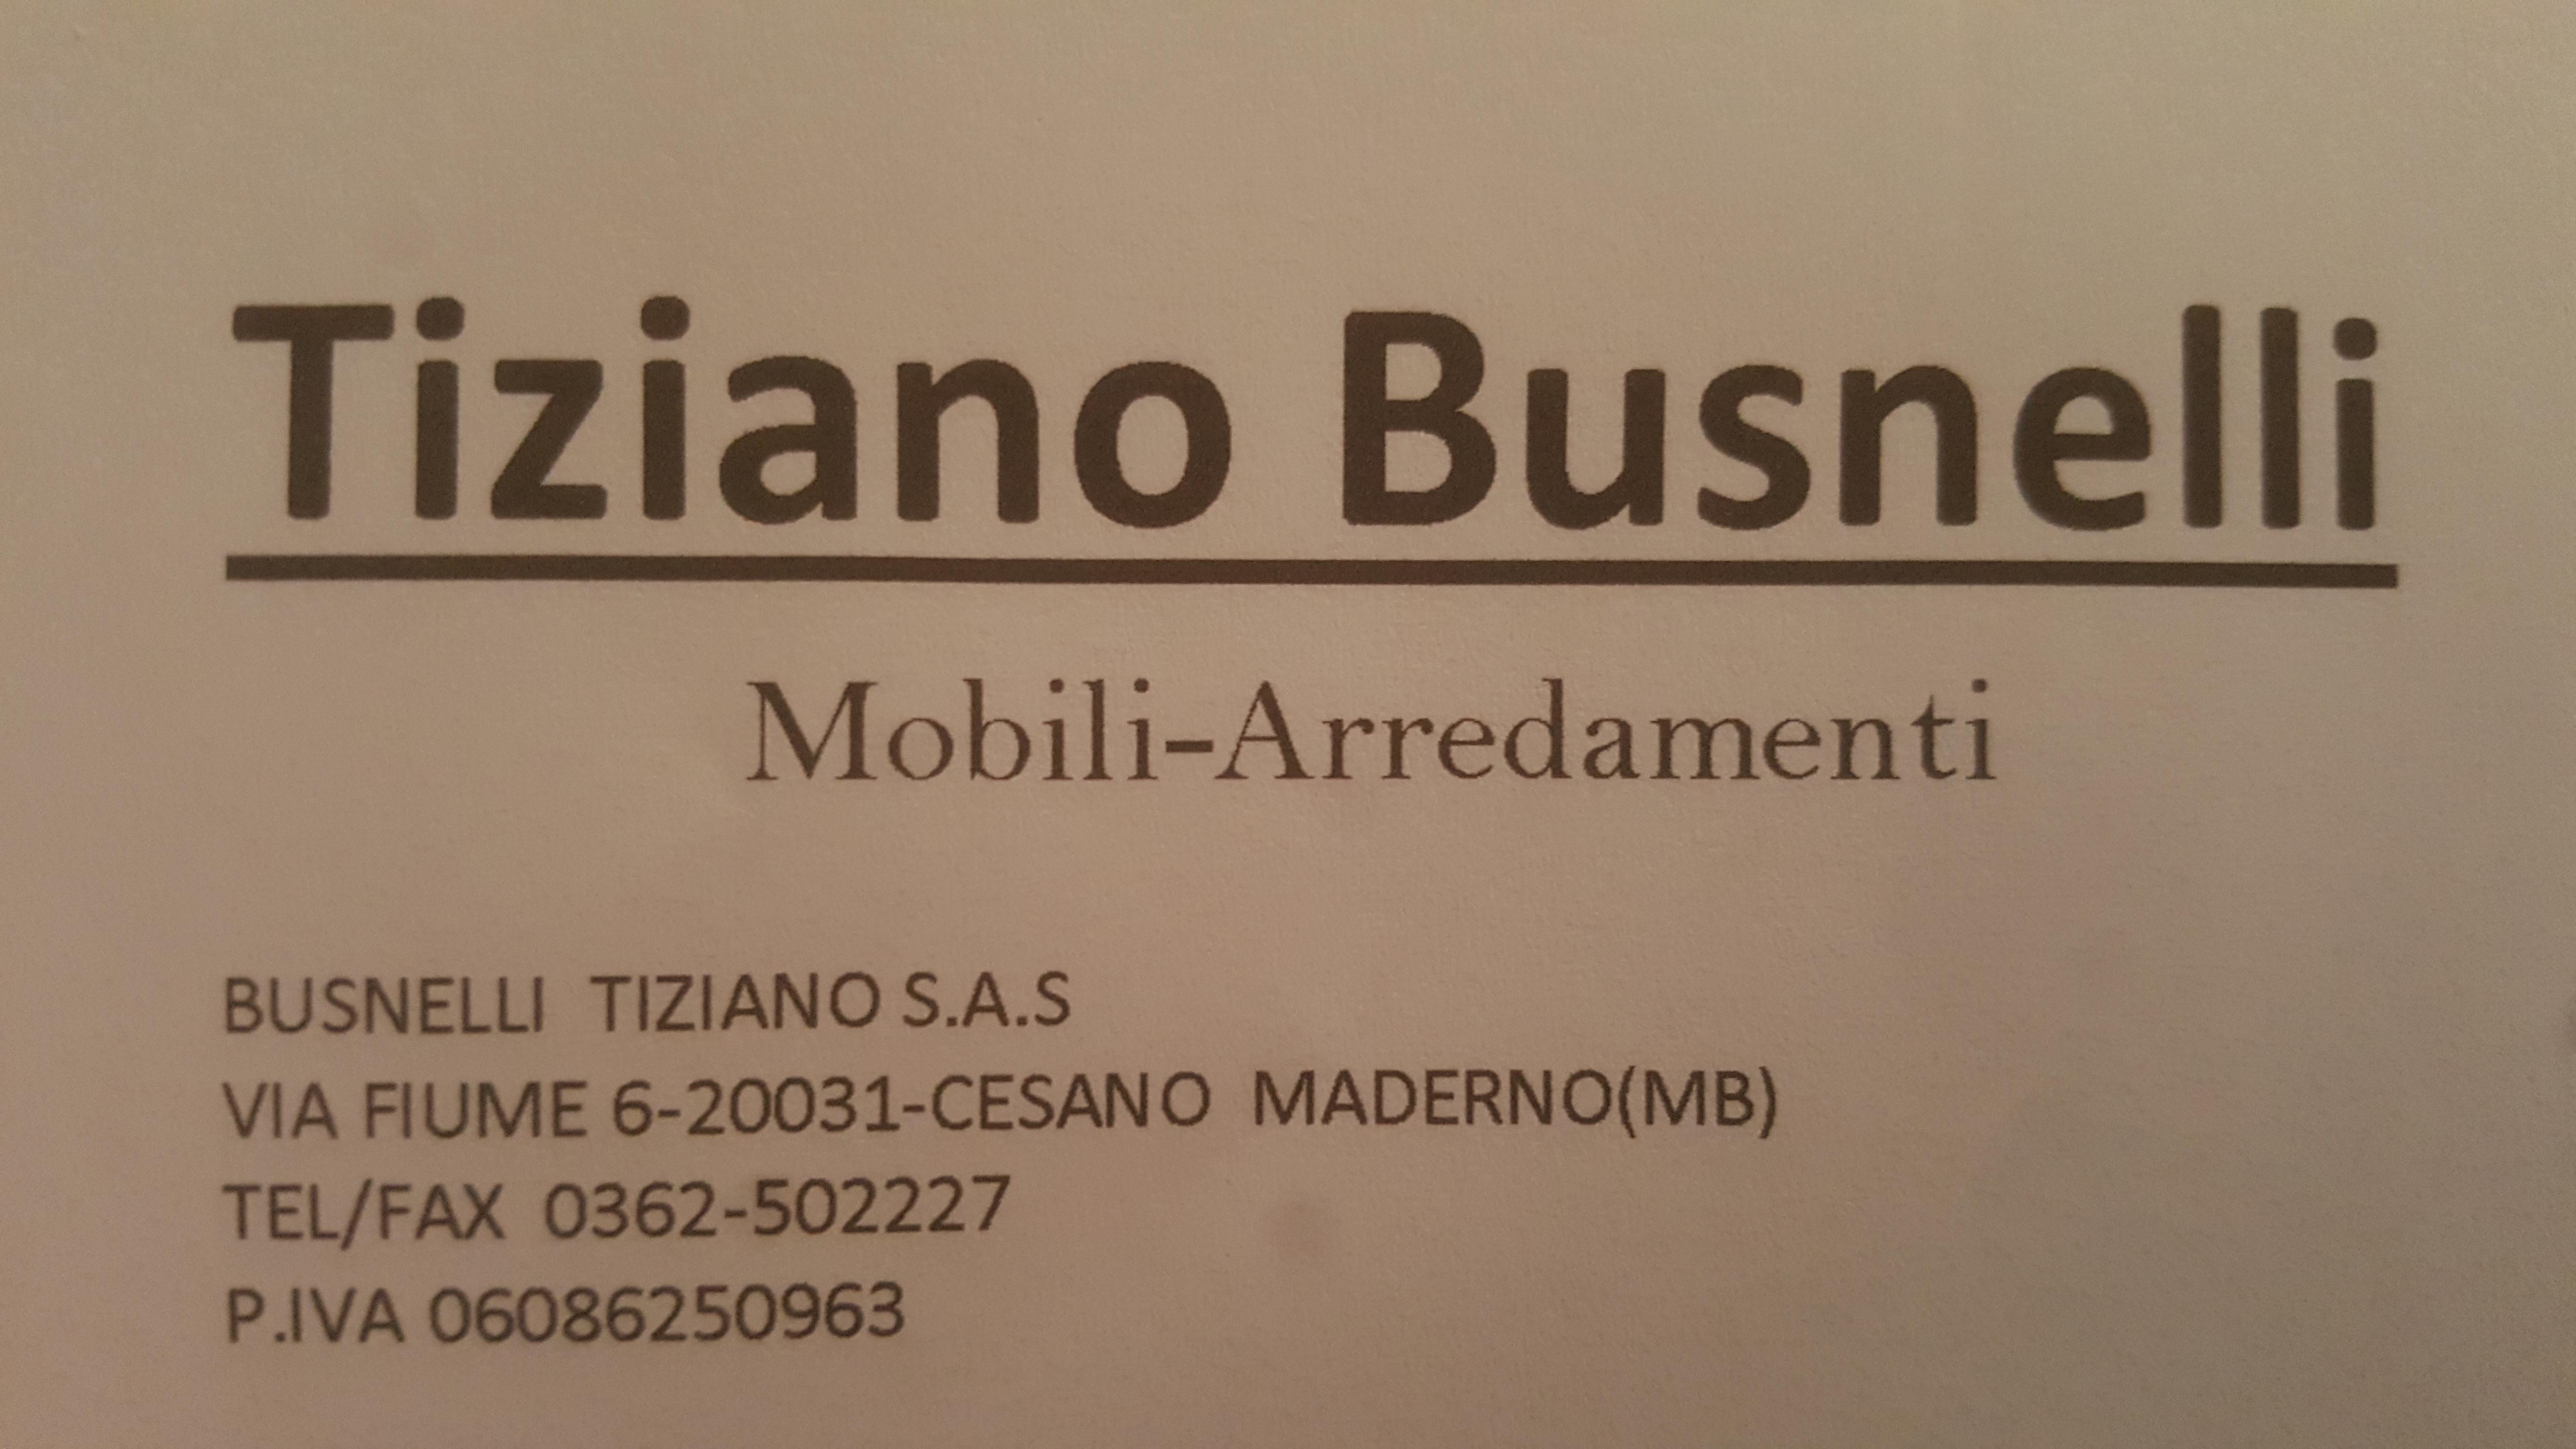 Tiziano Busnelli S.a.s